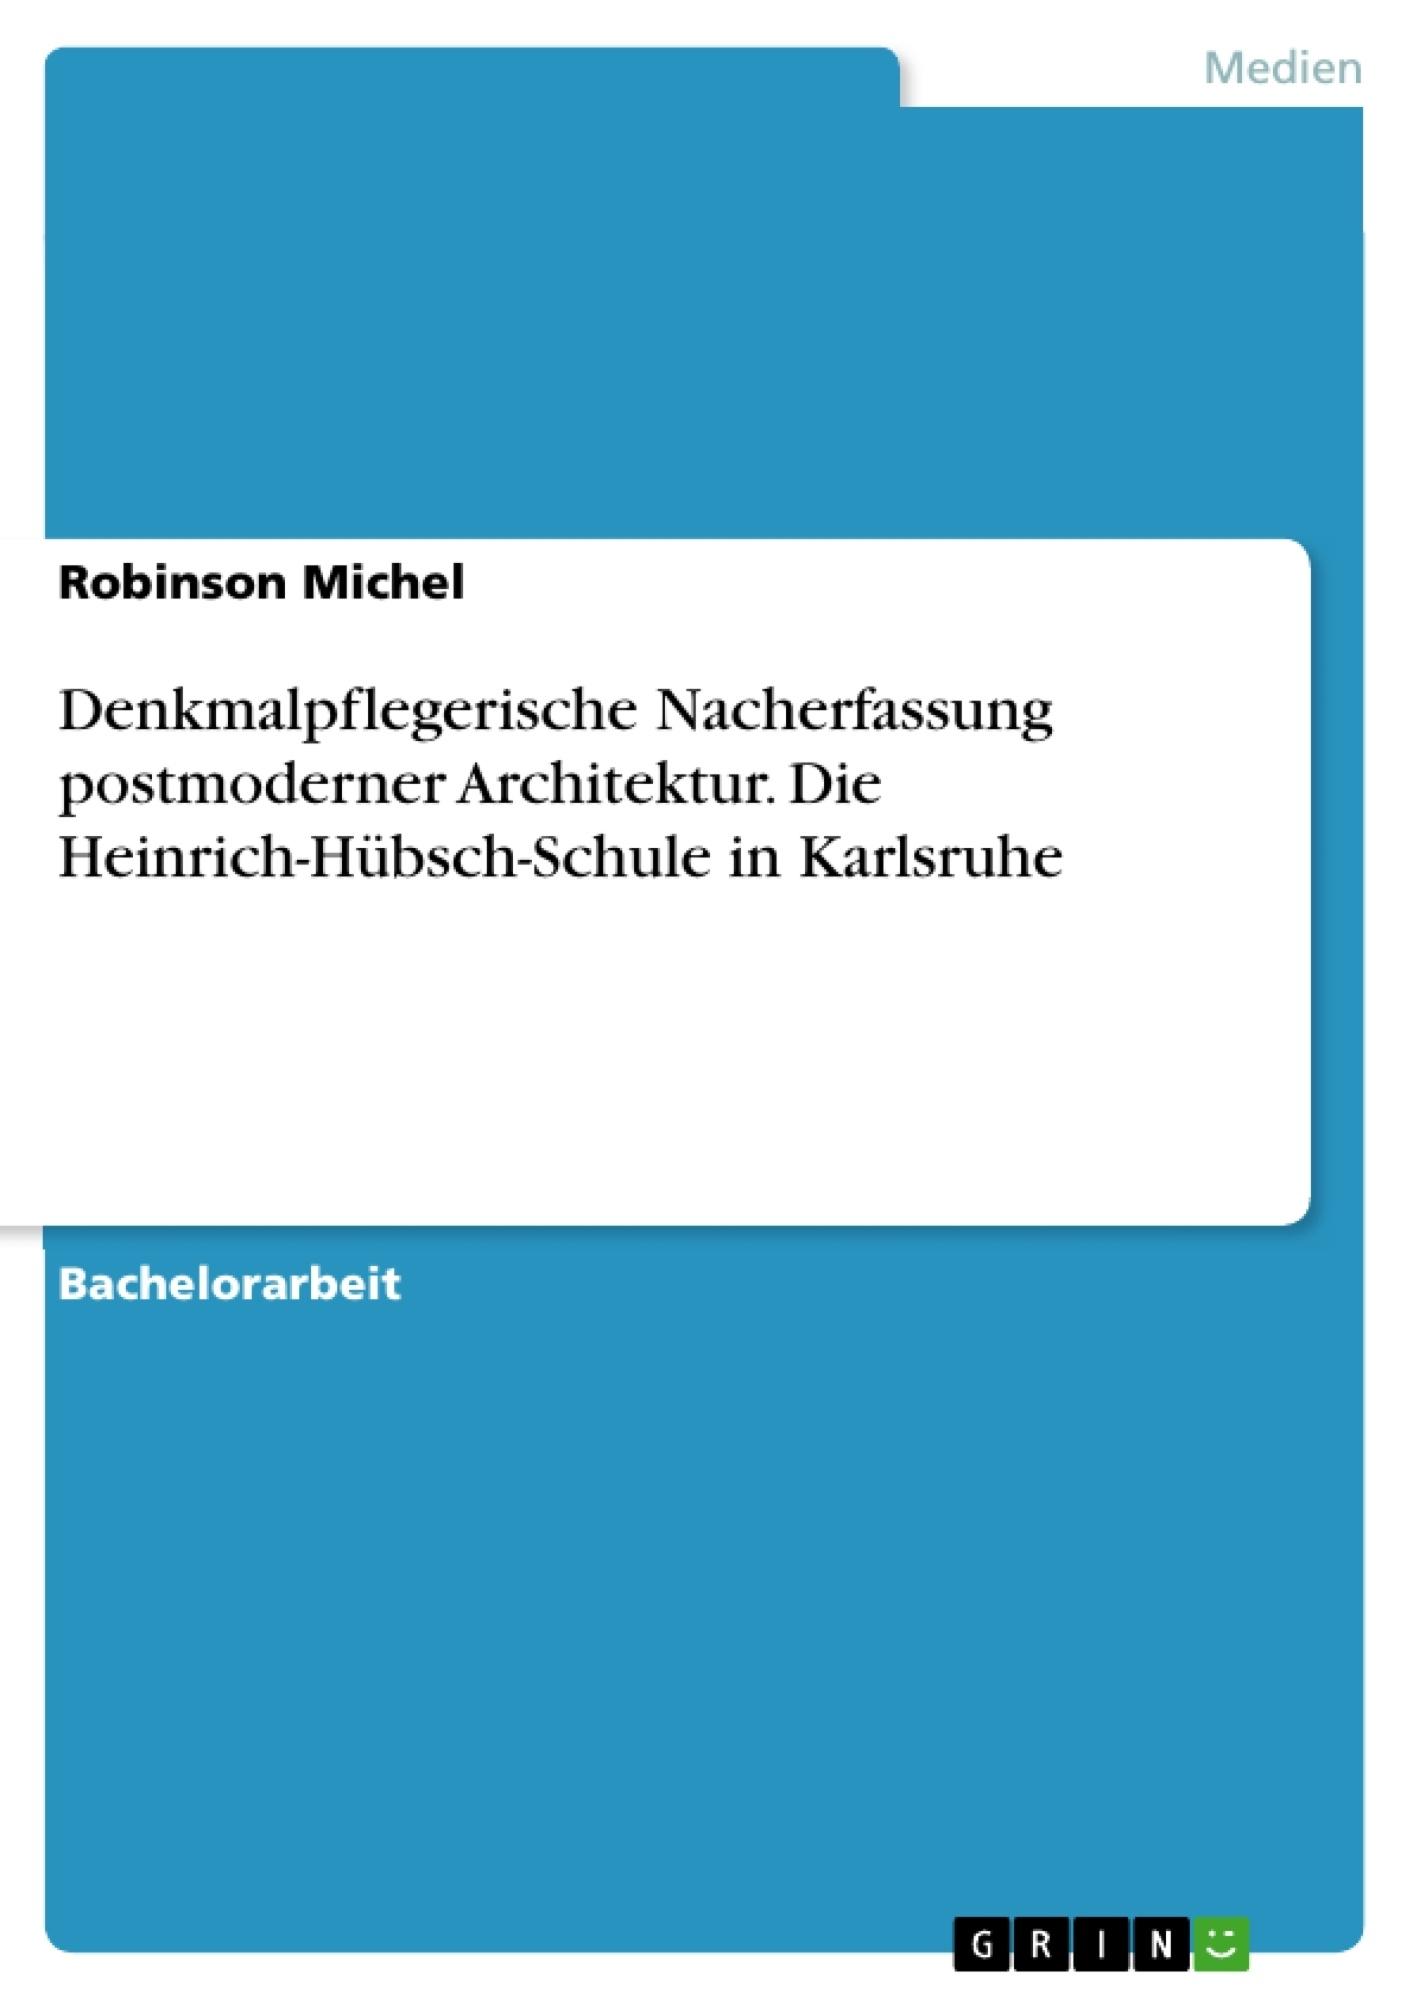 Titel: Denkmalpflegerische Nacherfassung postmoderner Architektur. Die Heinrich-Hübsch-Schule in Karlsruhe